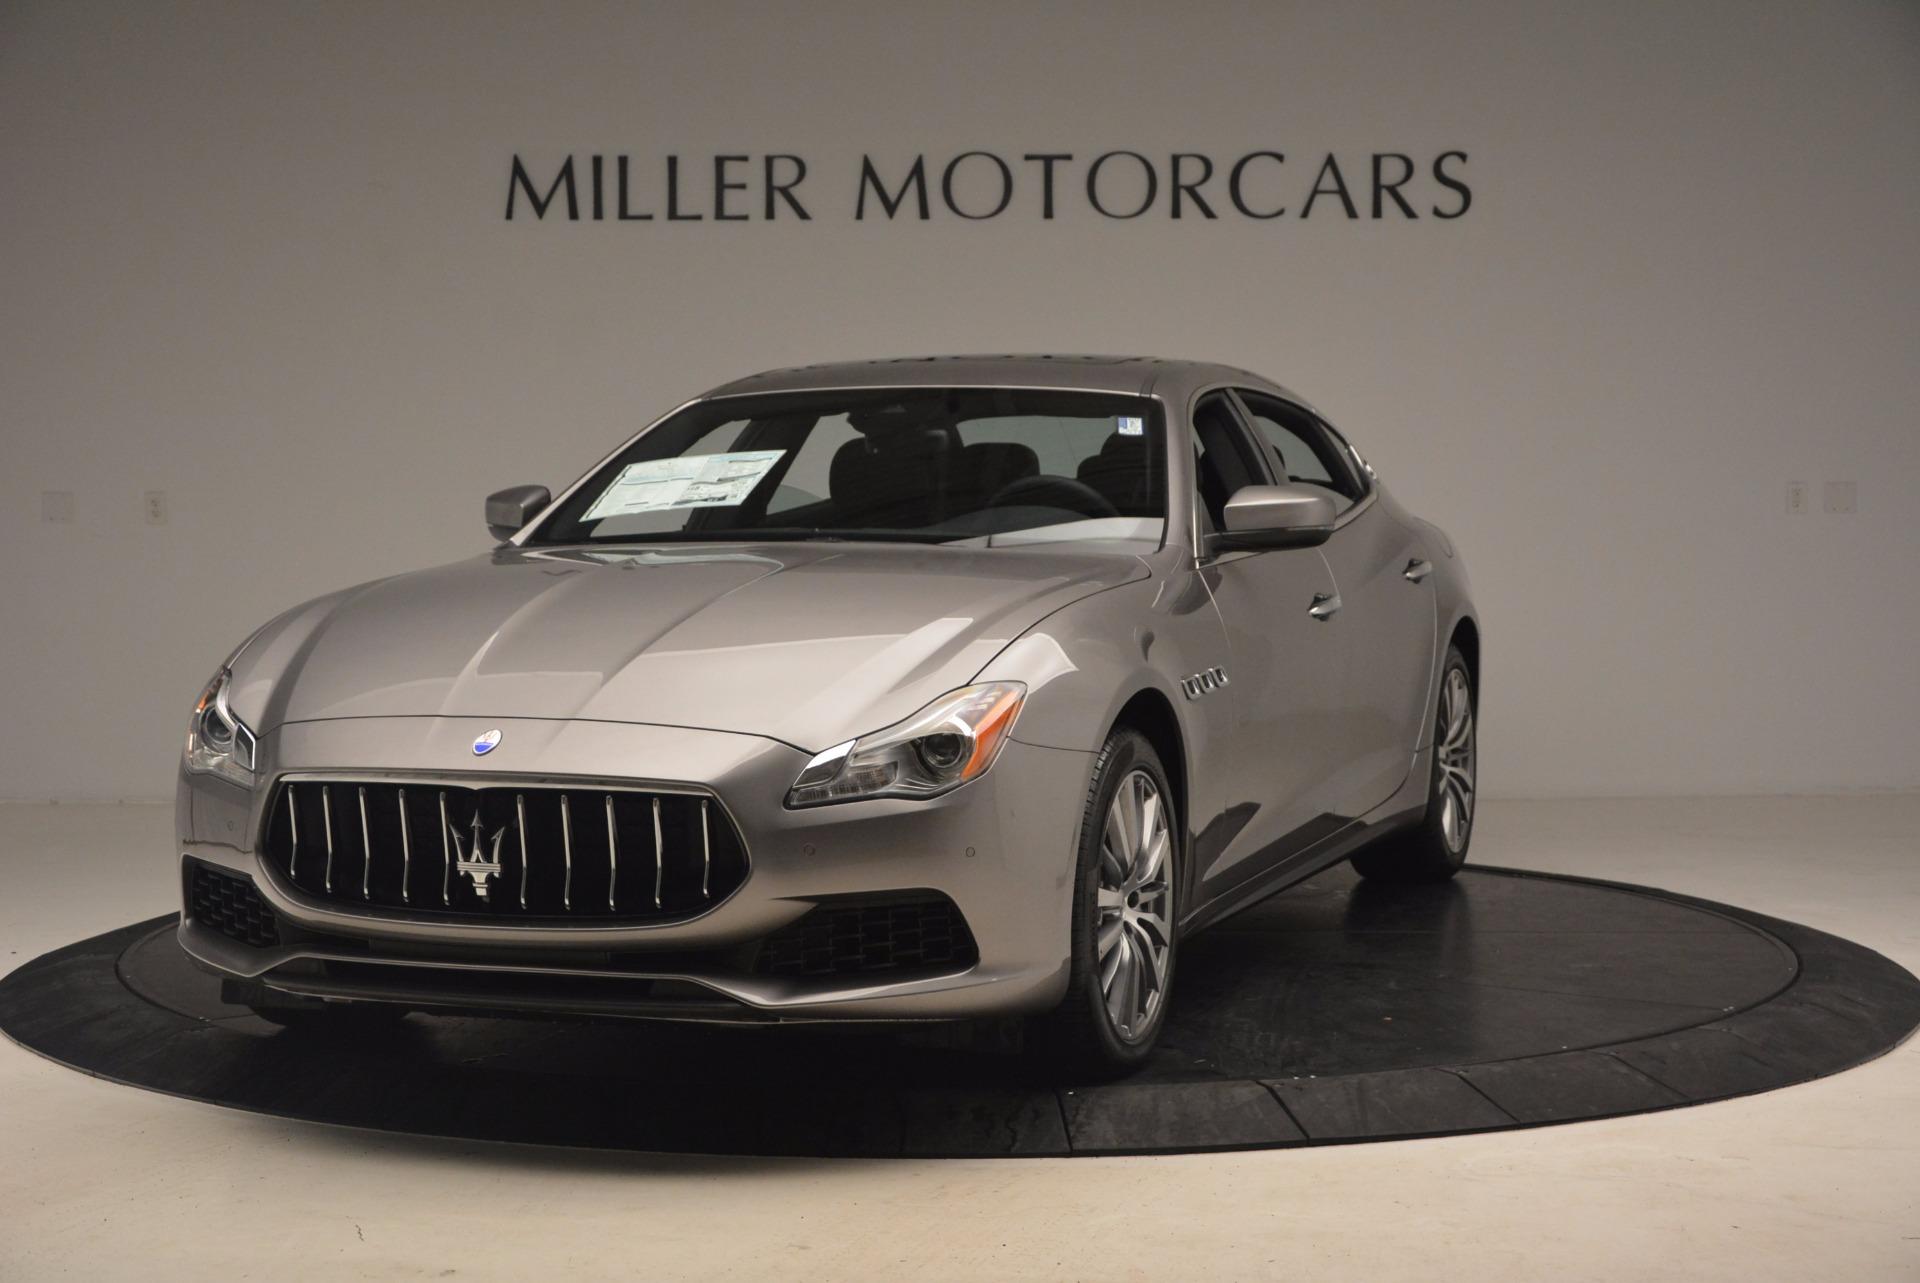 New 2017 Maserati Quattroporte SQ4 For Sale In Greenwich, CT 1066_main